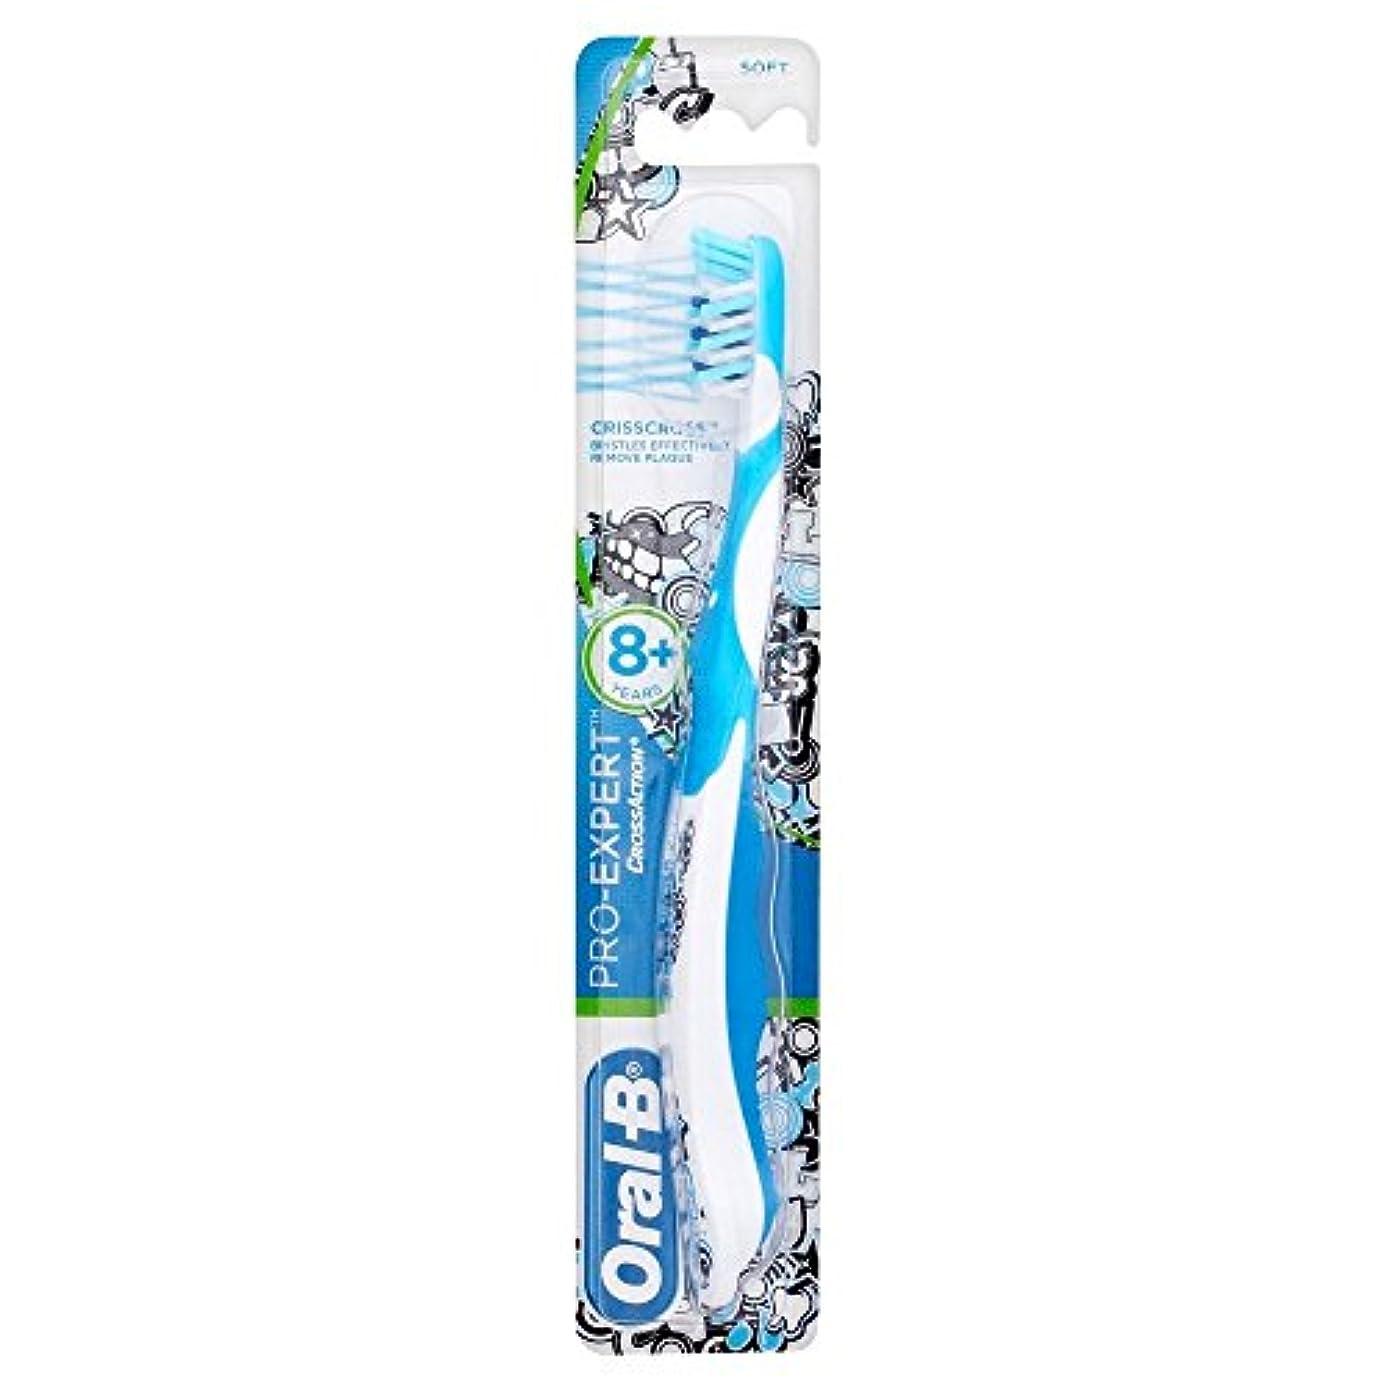 スカルクイソギンチャク配送Oral-B Toothbrush Pro-Expert Soft Bristles 8yr + オーラルb歯ブラシプロ専門ソフト剛毛??8Yr + [並行輸入品]